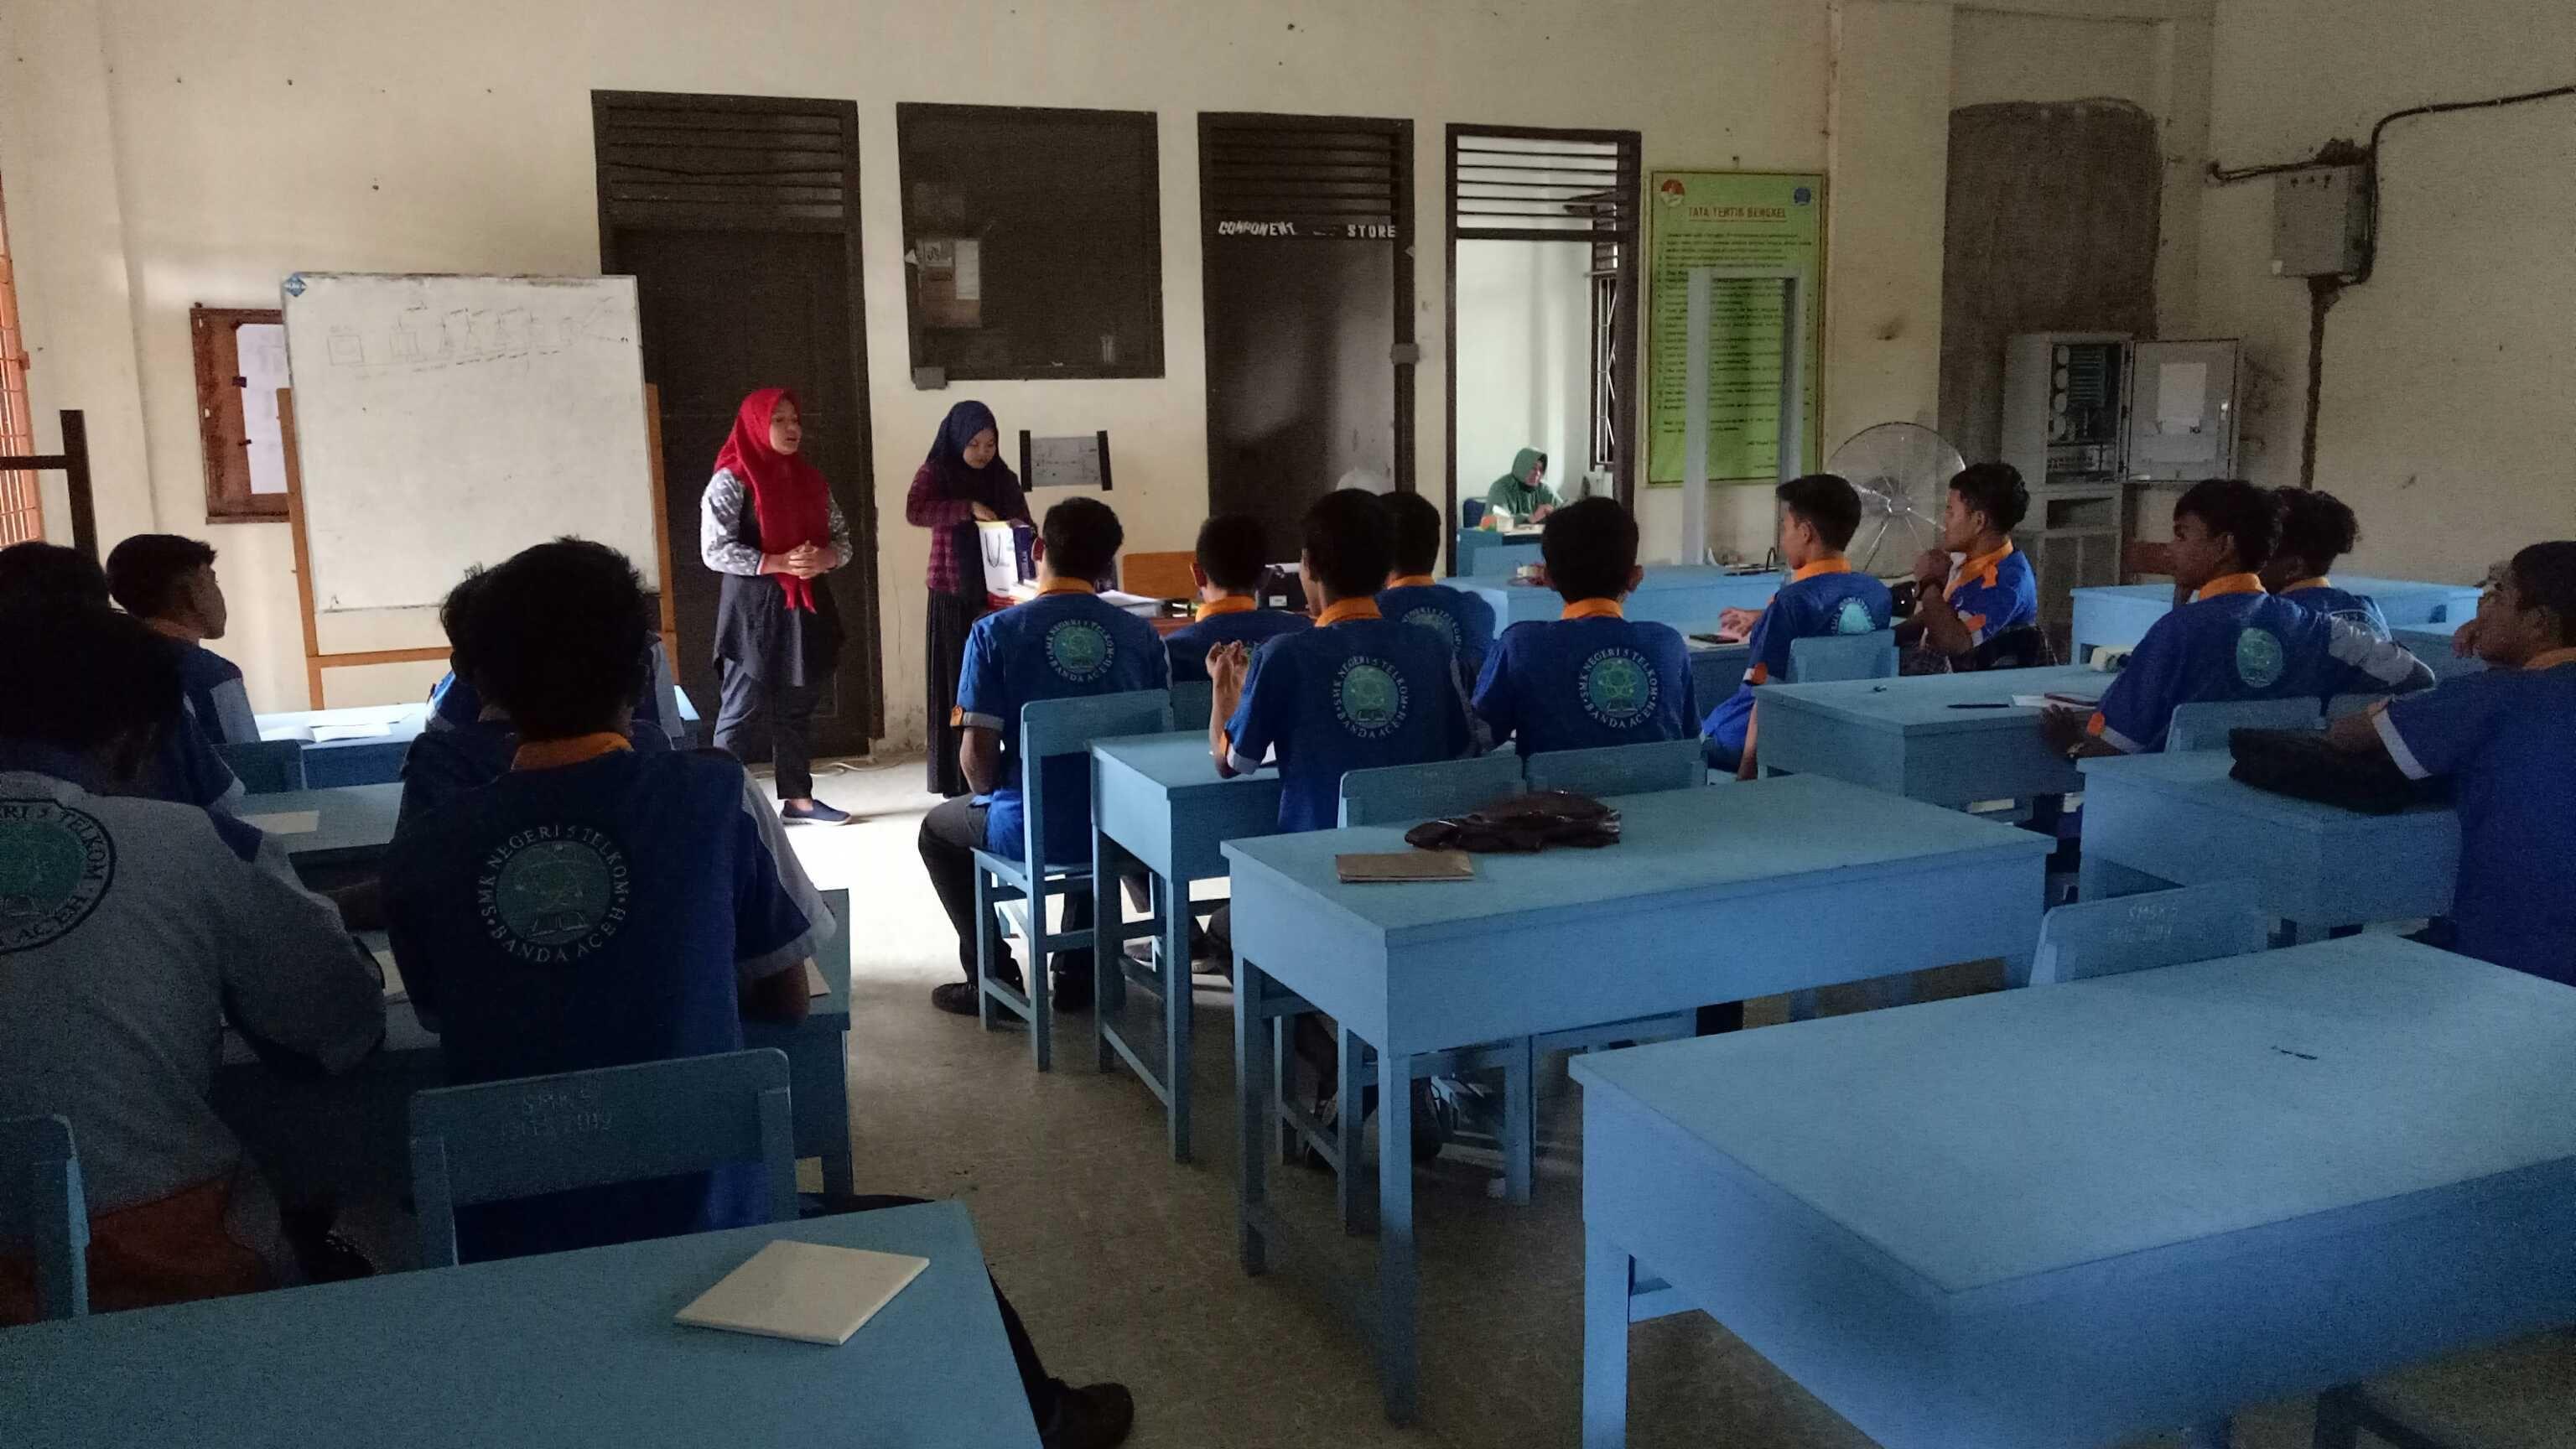 Smkn 5 Telkom Banda Aceh Butuh Perhatian Pemerintah Halaman 1 Kompasiana Com